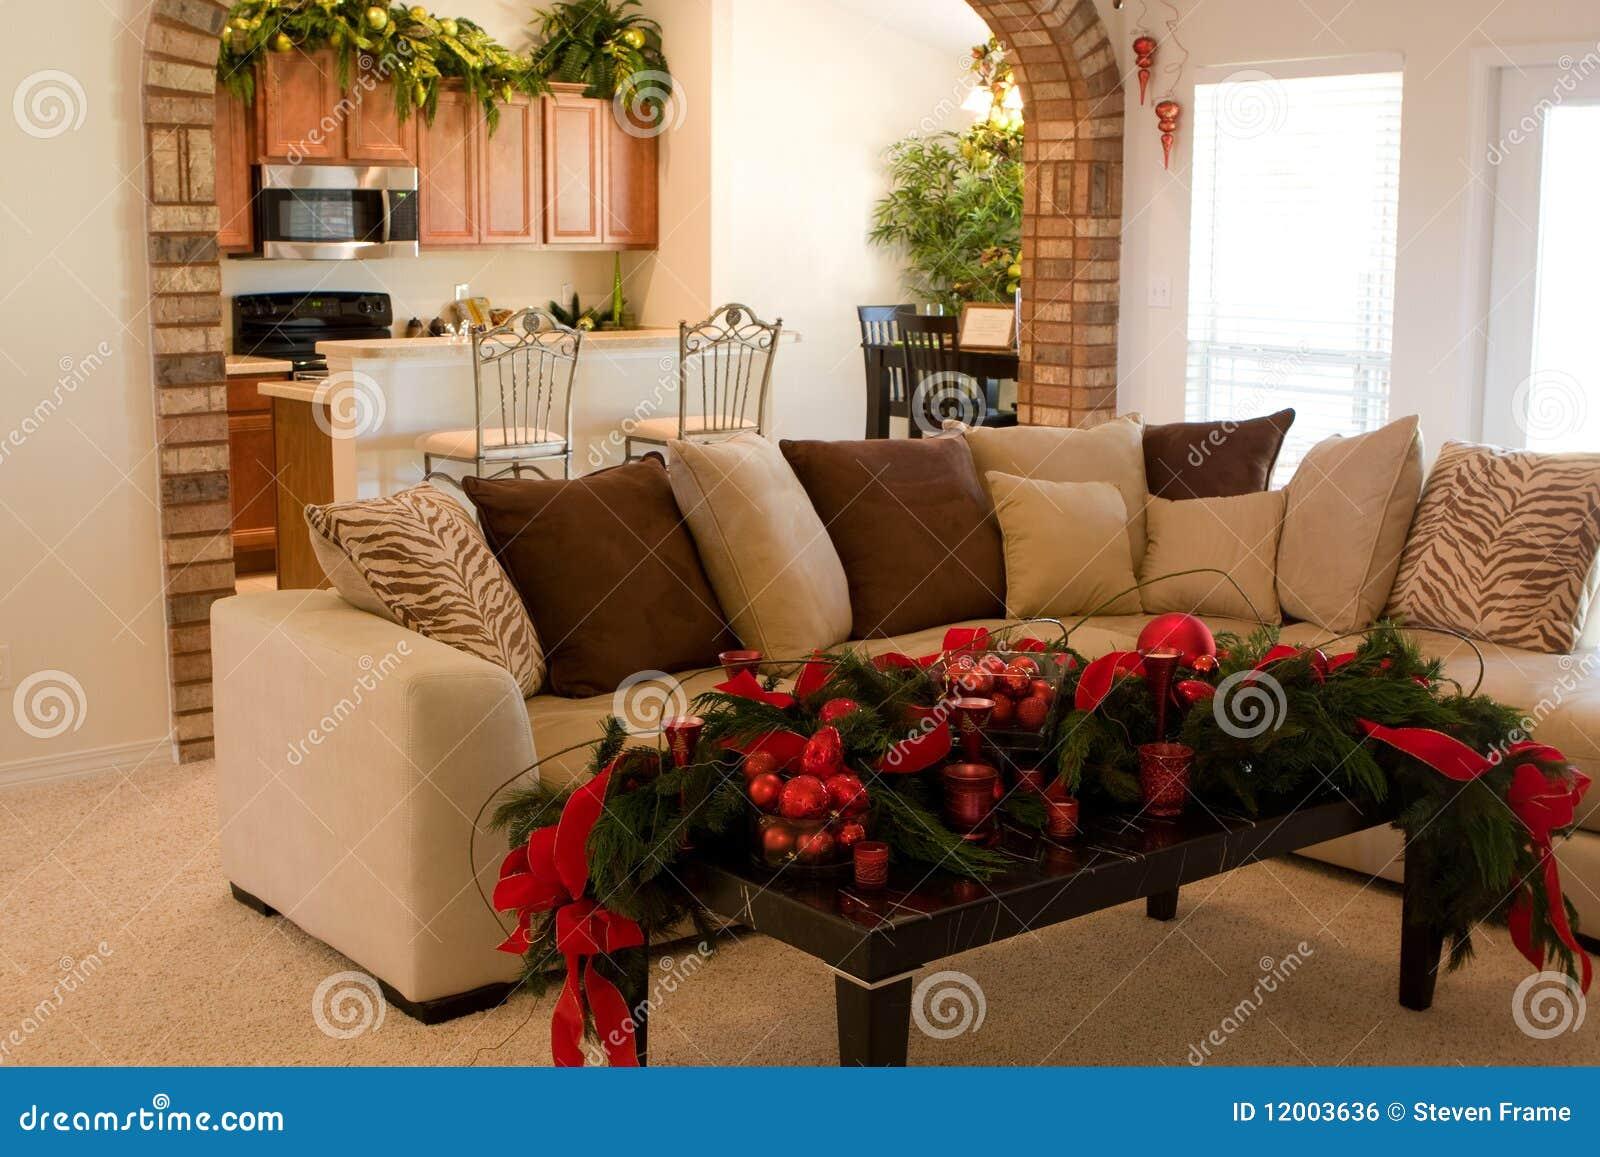 Decoraciones caseras de la navidad imagen de archivo libre for Decoraciones para navidad interiores